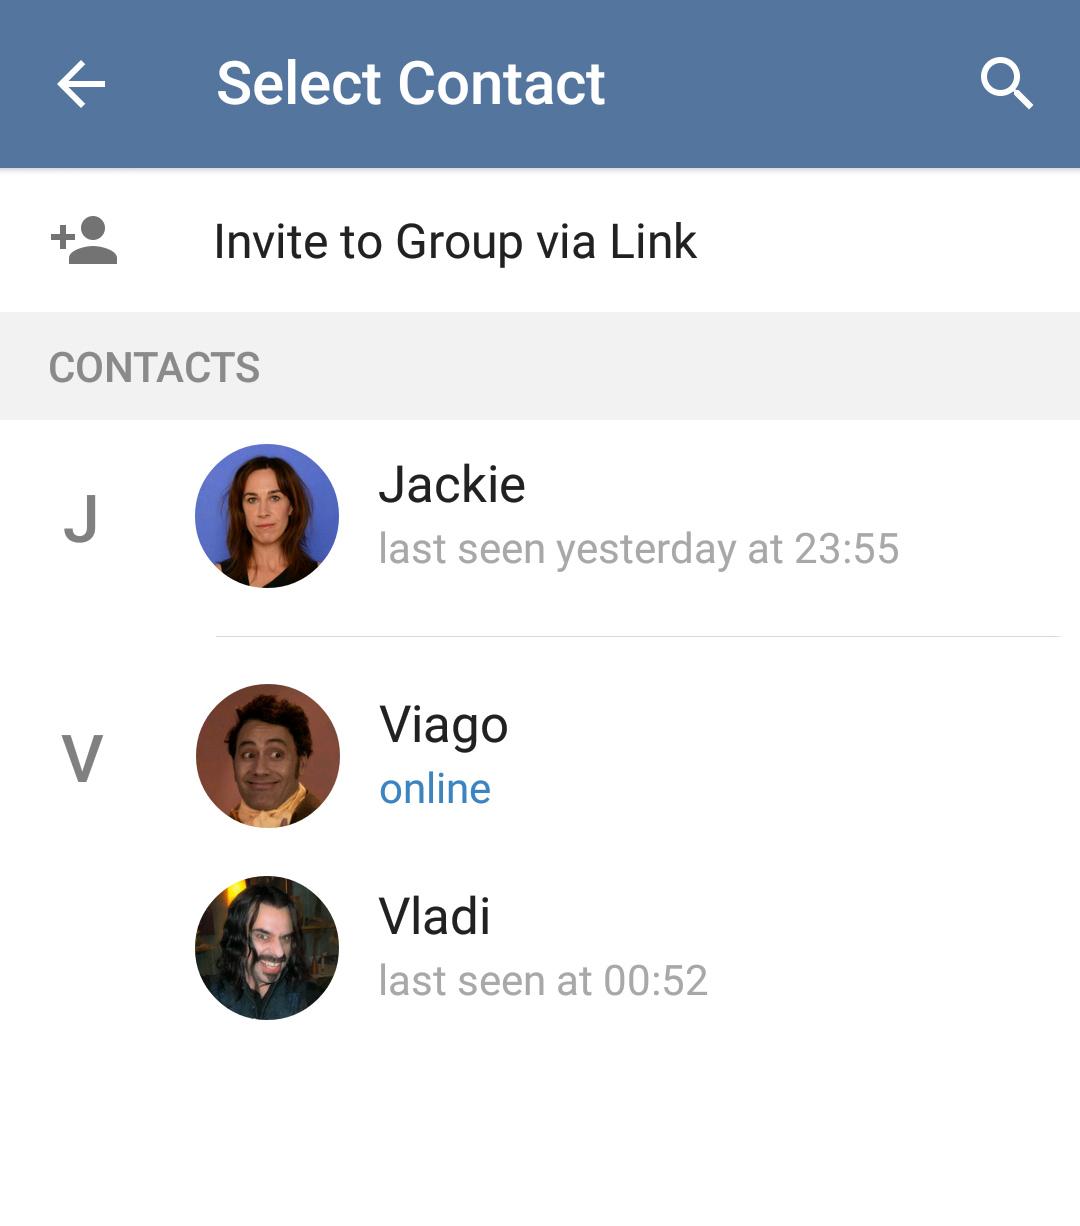 اد کردن در تلگرام